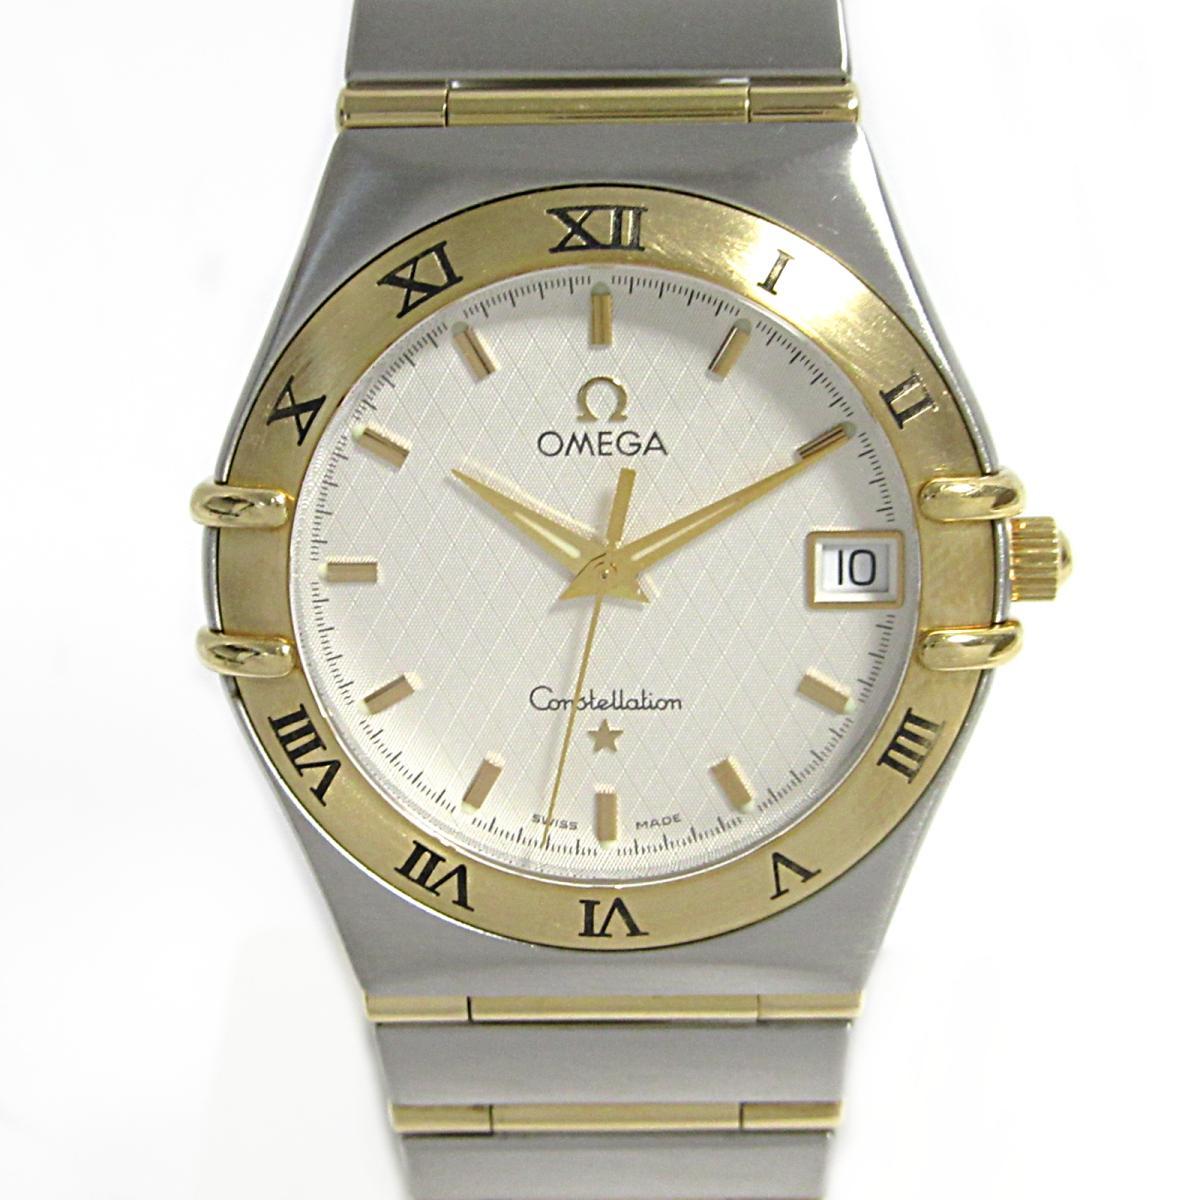 ≪期間限定≫メルマガ登録でクーポンGET! 【中古】オメガ コンステレーション 腕時計 メンズ ステンレススチール (SS) K18YG (750)イエローゴールド | OMEGA BRANDOFF ブランドオフ ブランド ブランド時計 ブランド腕時計 時計 ウォッチ